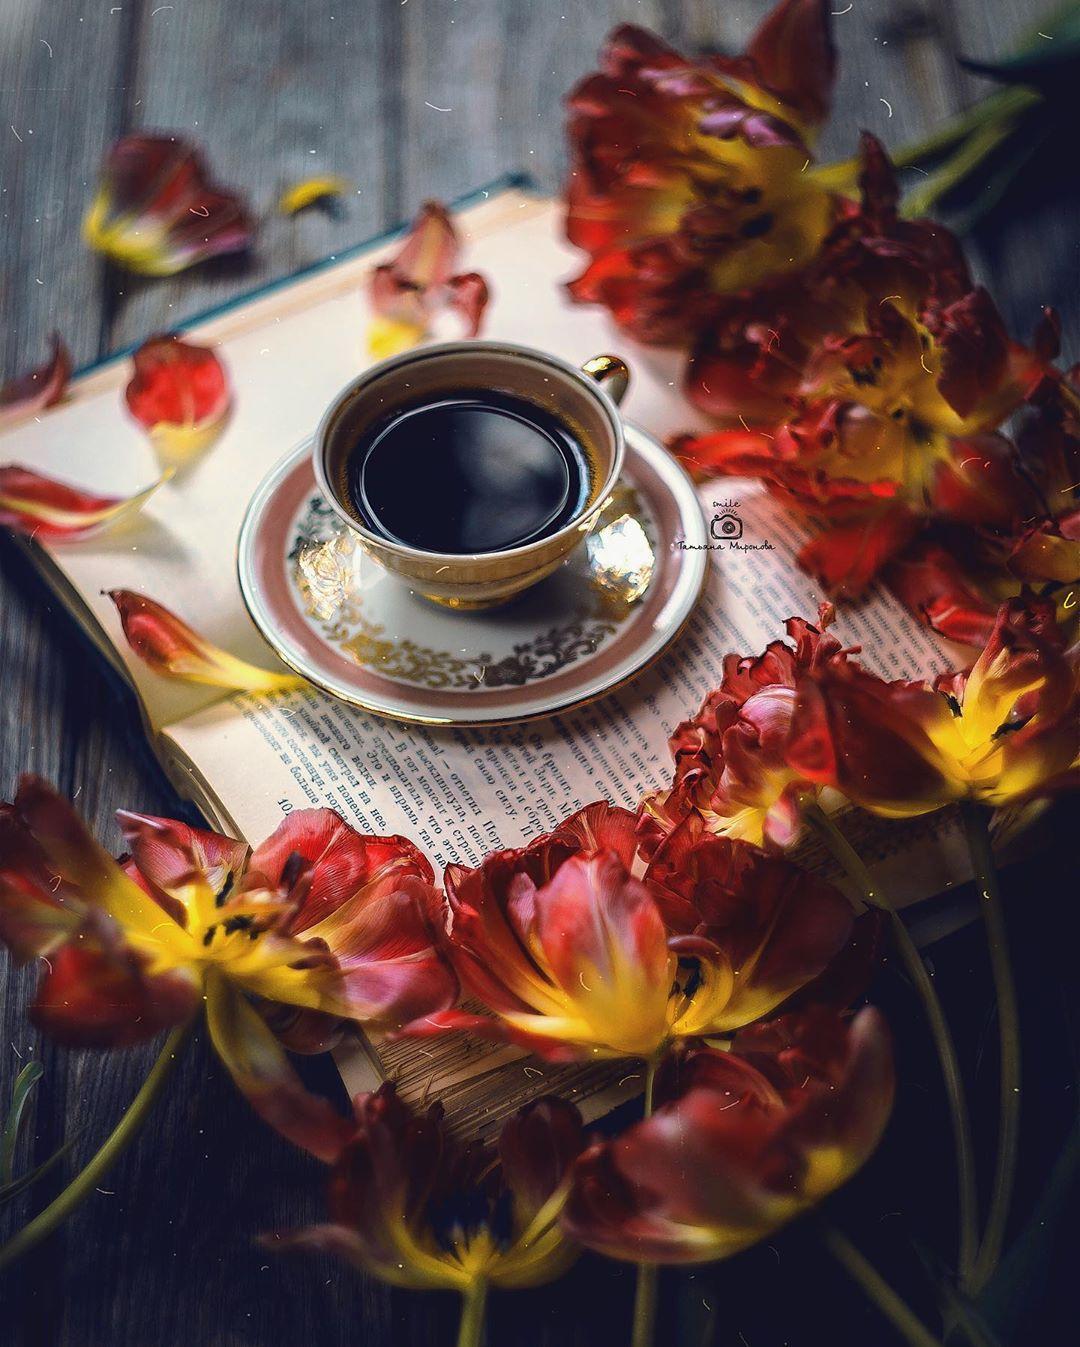 Фото Чашка кофе на блюдце стоит на открытой книгев окружении тюльпанов, фотограф Татьяна Миронова - mironovatanyahoos